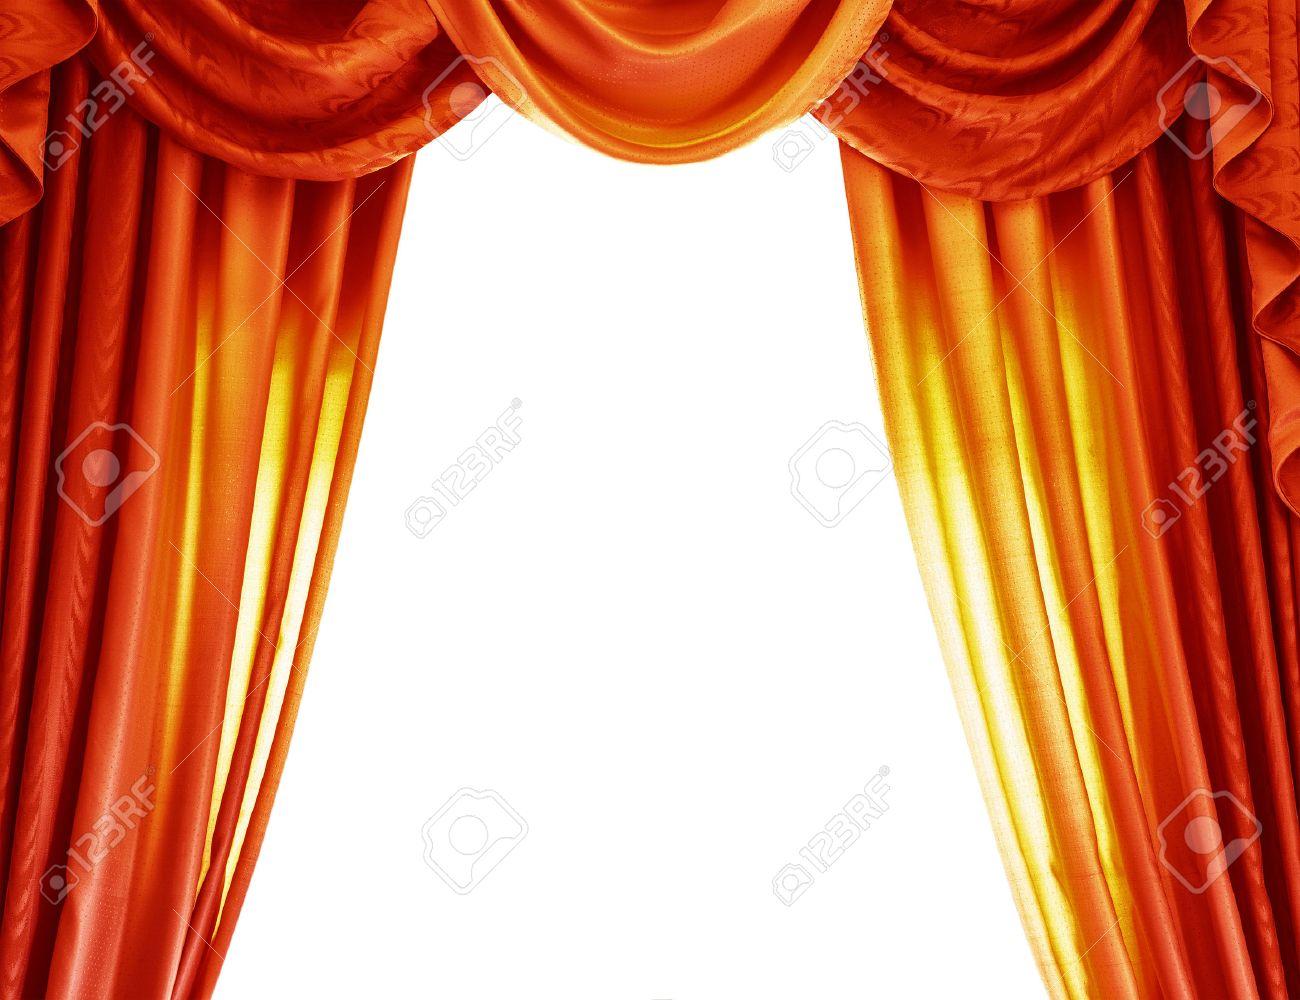 rideaux orange de luxe isole sur fond blanc frontiere abstraite rideau ouvert sur le theatre le concept de representation theatrale